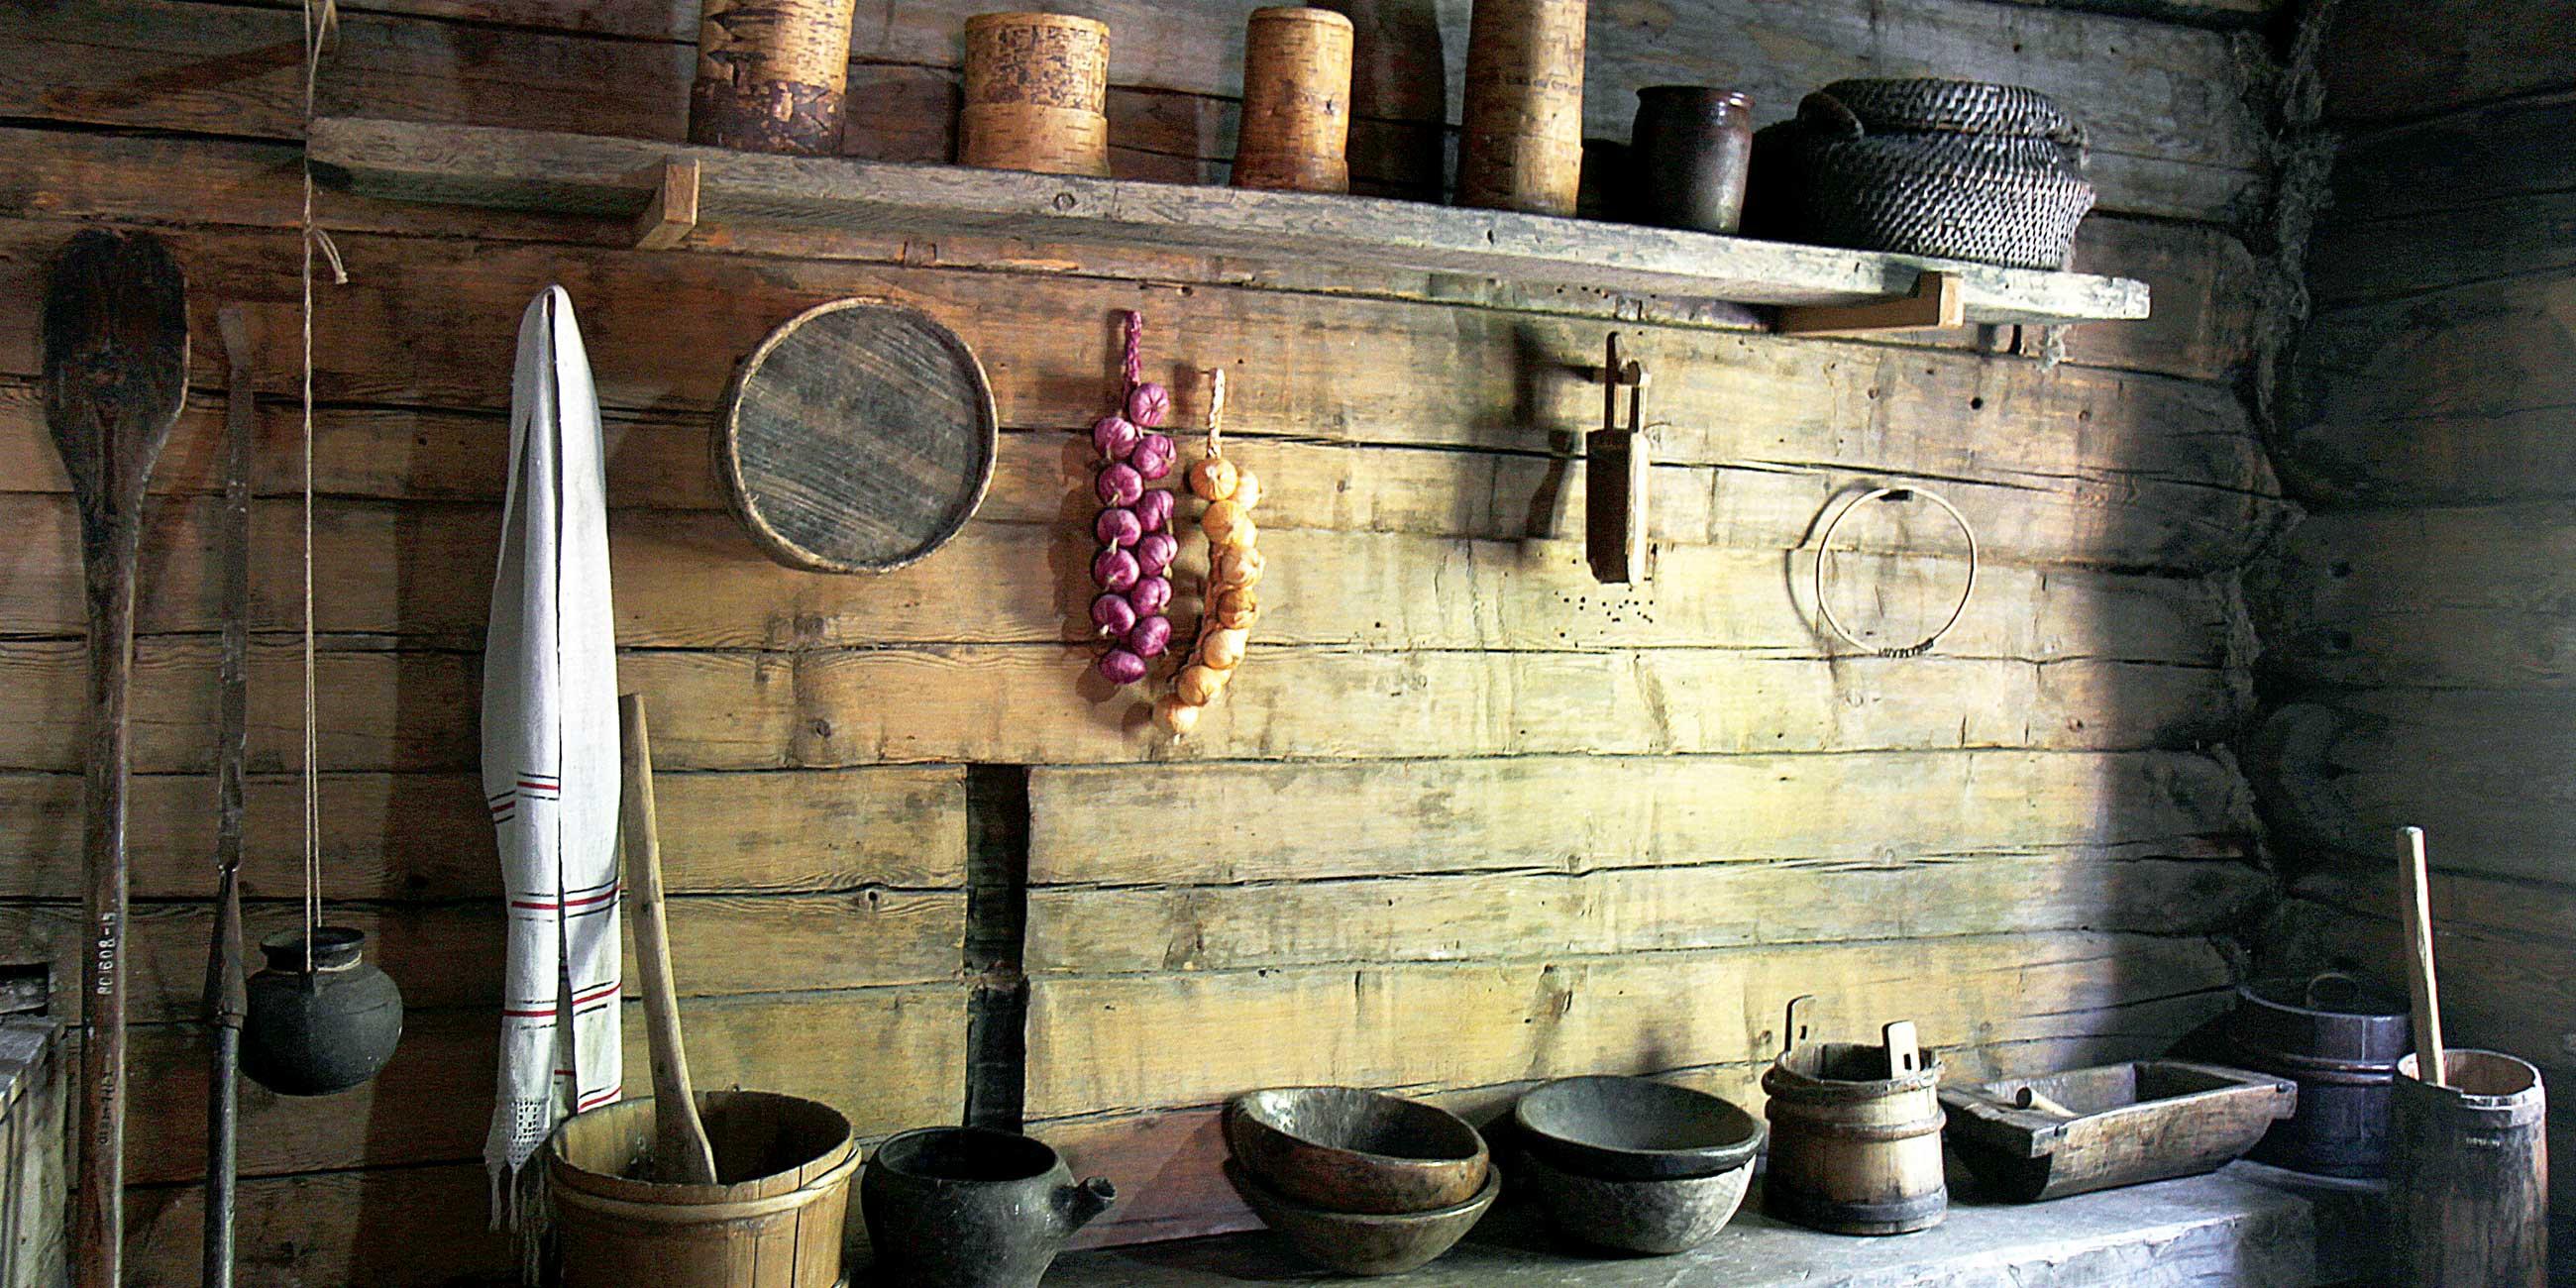 В старинных деревянных домах сохранилась атмосфера сибирской деревни 18 века.Фото: Юлия ПЫХАЛОВА,